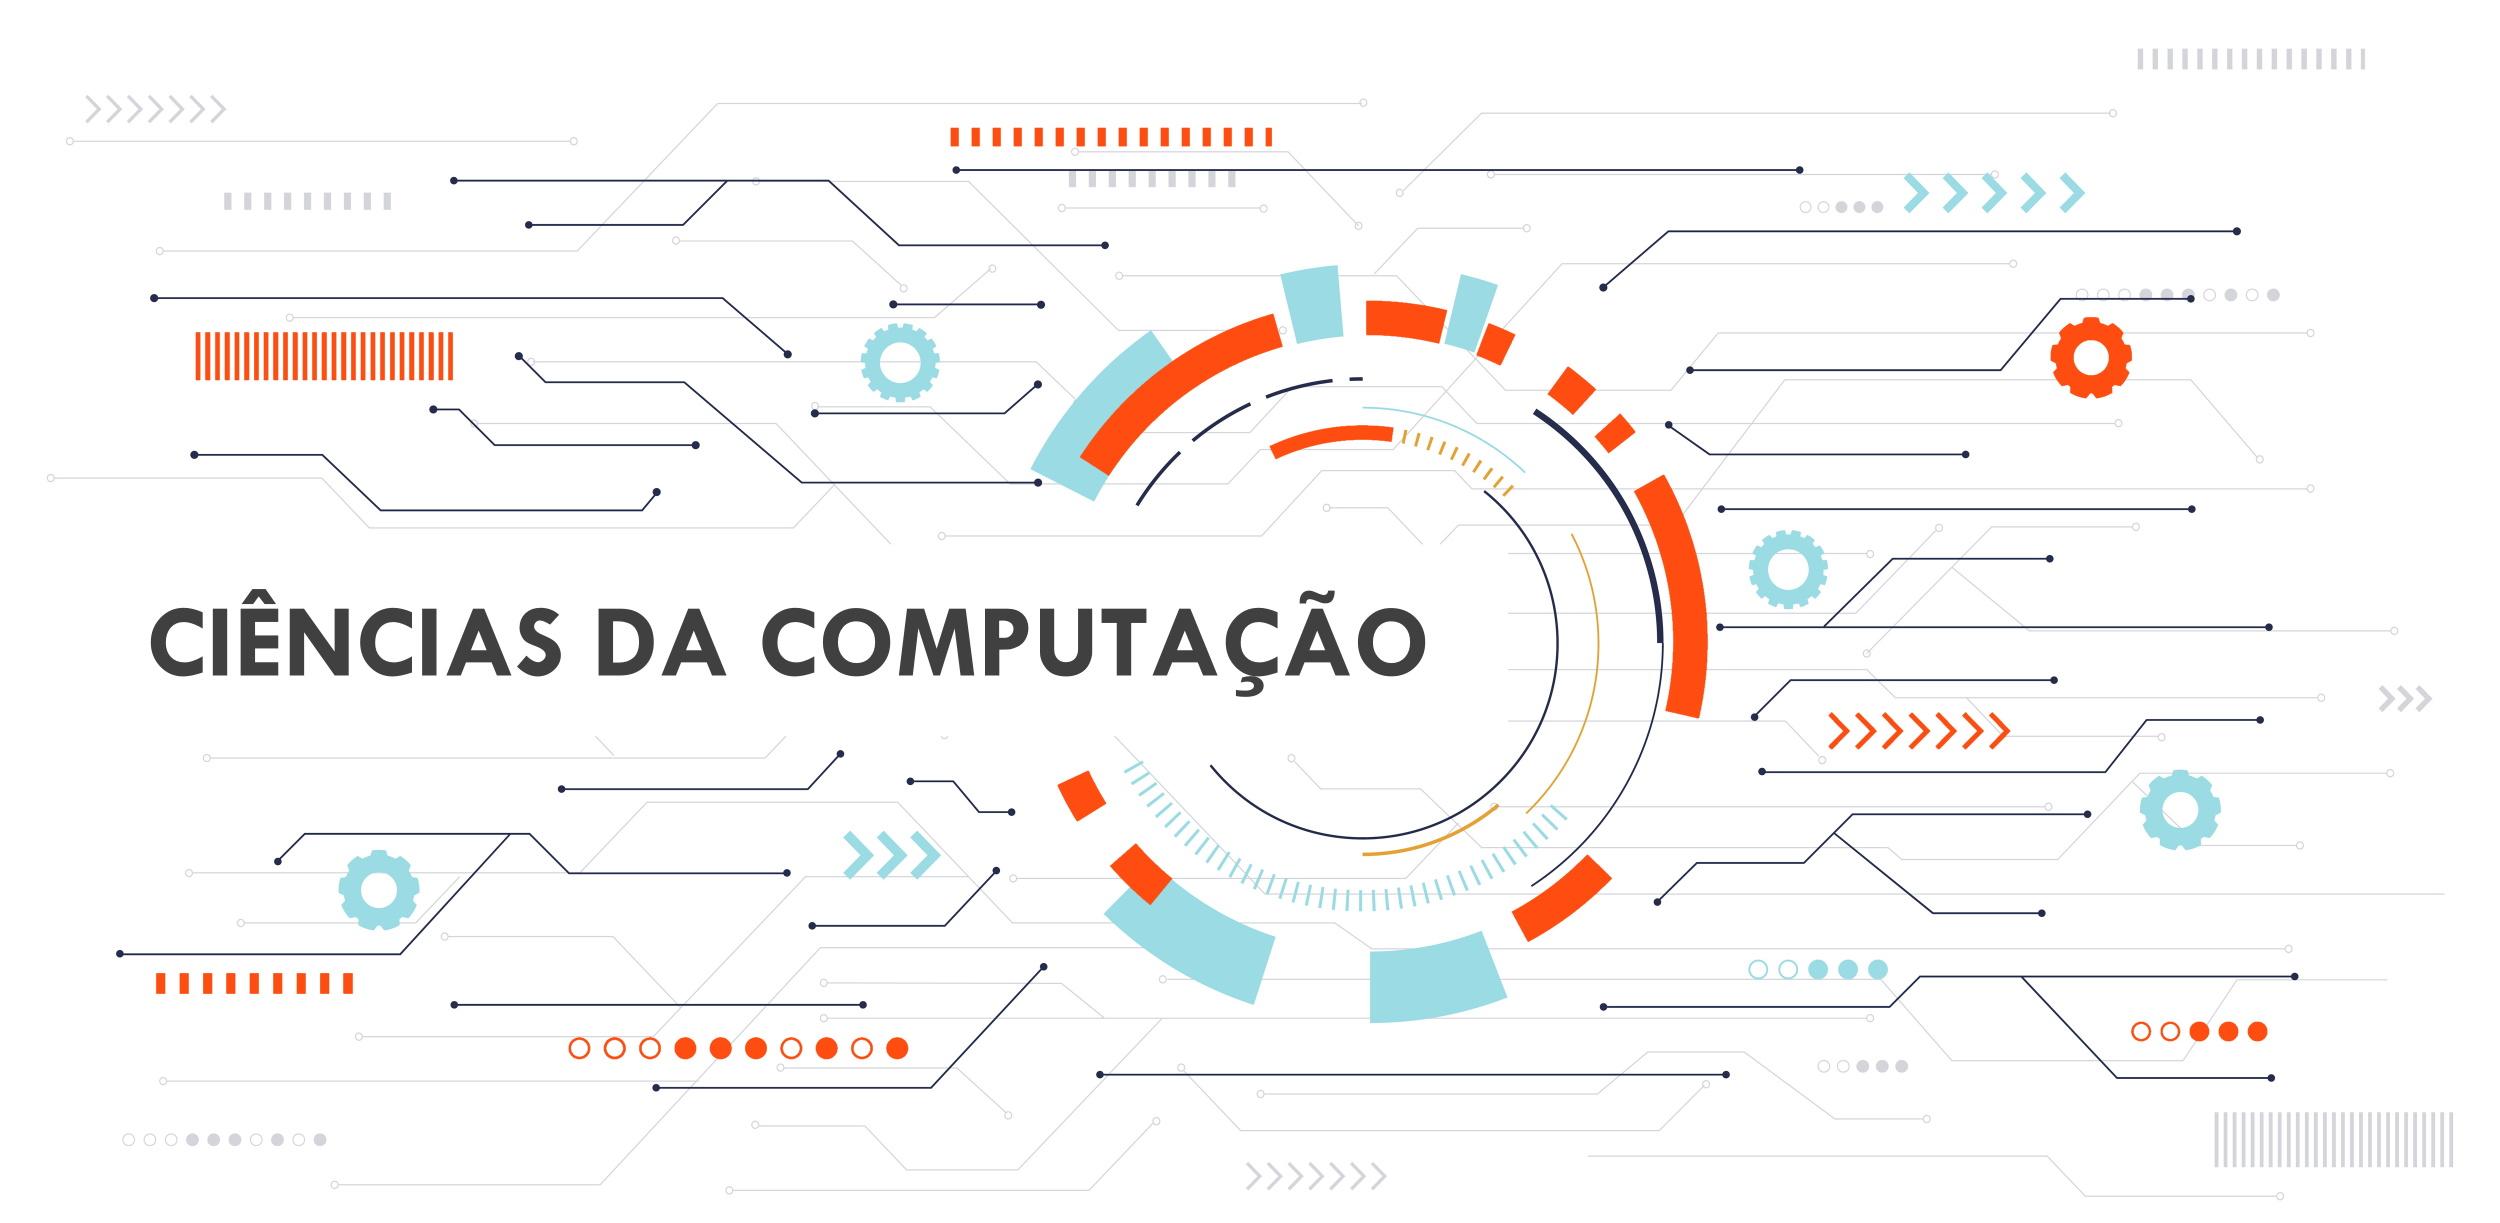 Projeto Ciências da Computação